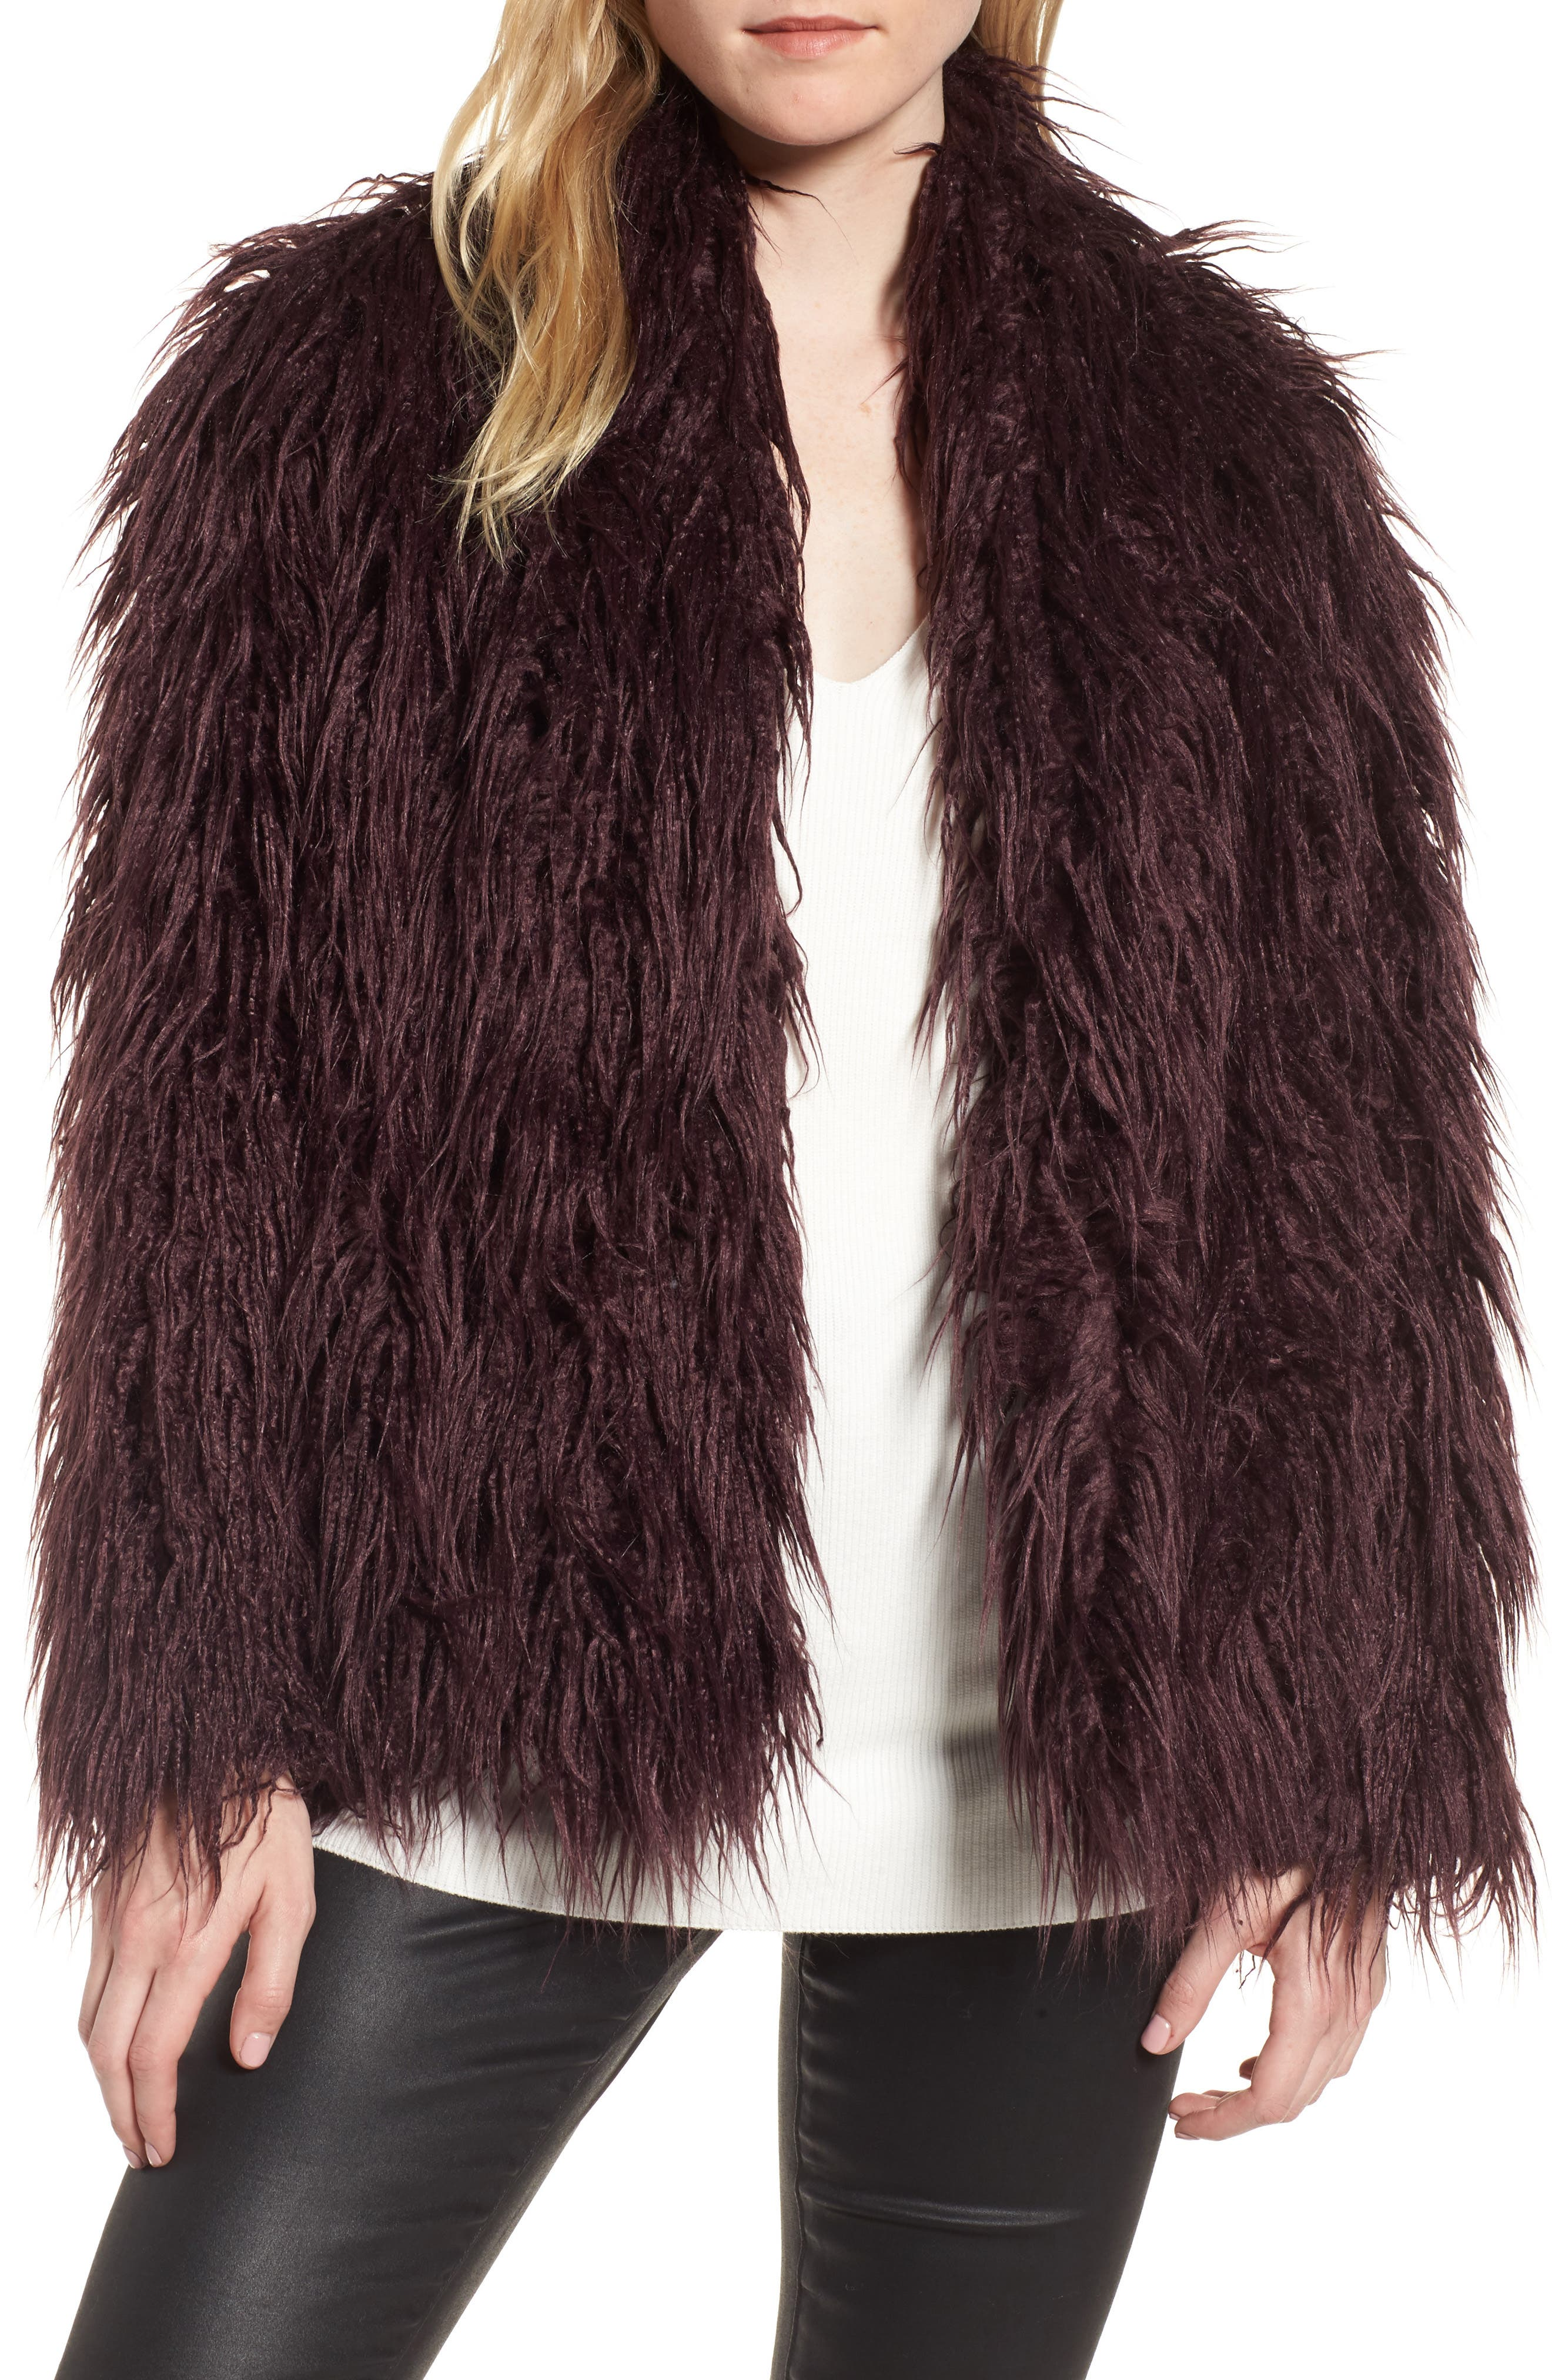 Alternate Image 1 Selected - Trouvé Shaggy Faux Fur Jacket